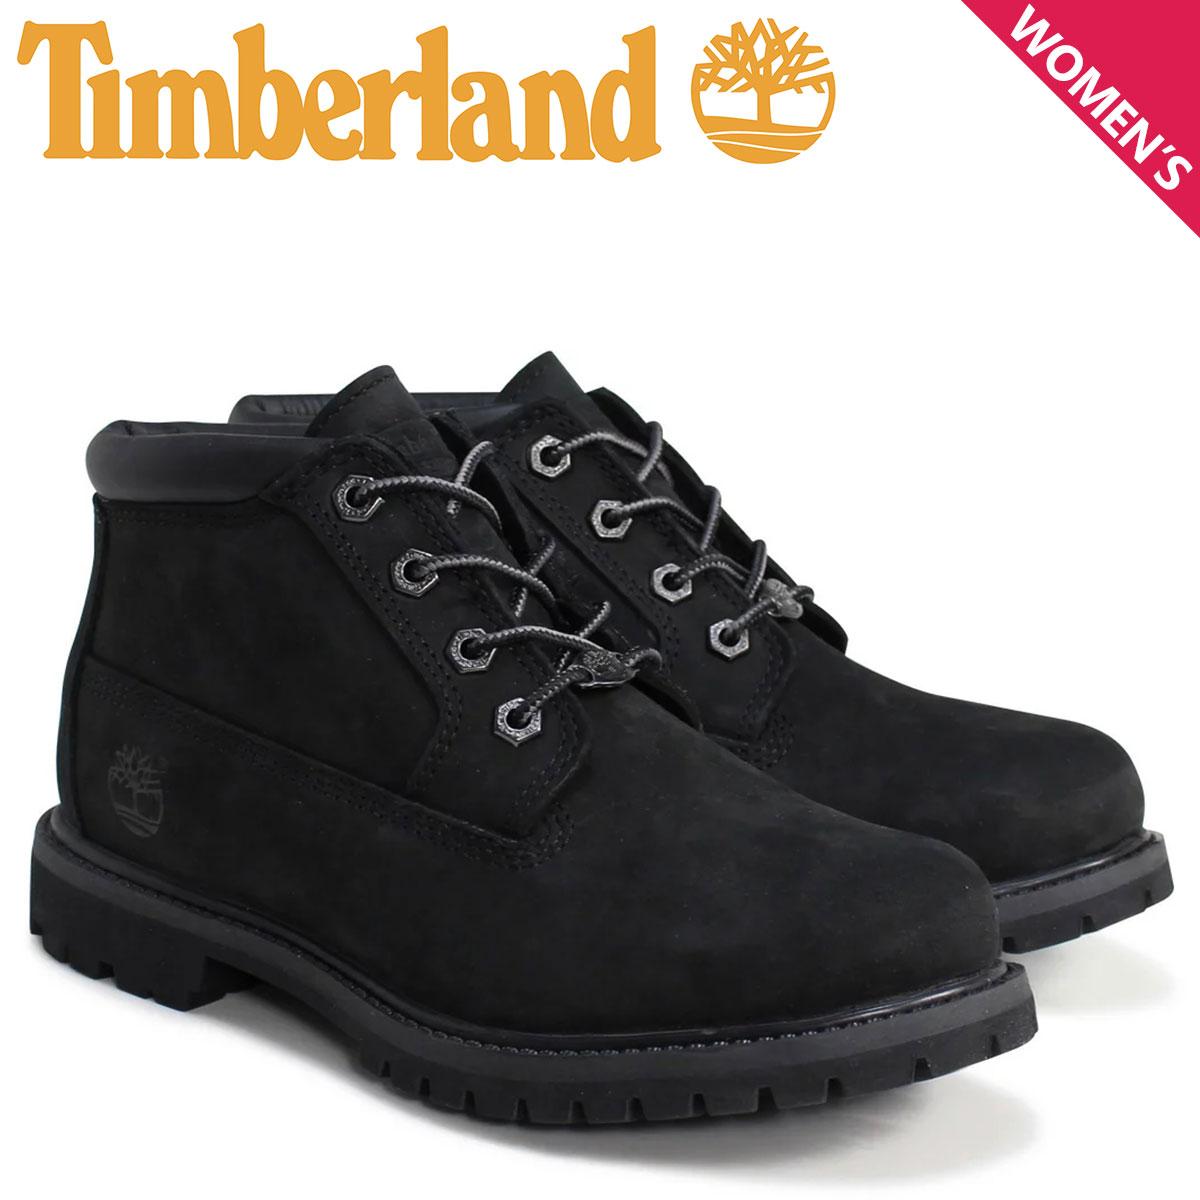 Timberland チャッカ レディース ティンバーランド ブーツ WOMEN'S NELLIE WATERPROOF CHUKKA BOOTS 23398 Wワイズ 防水 ブラック